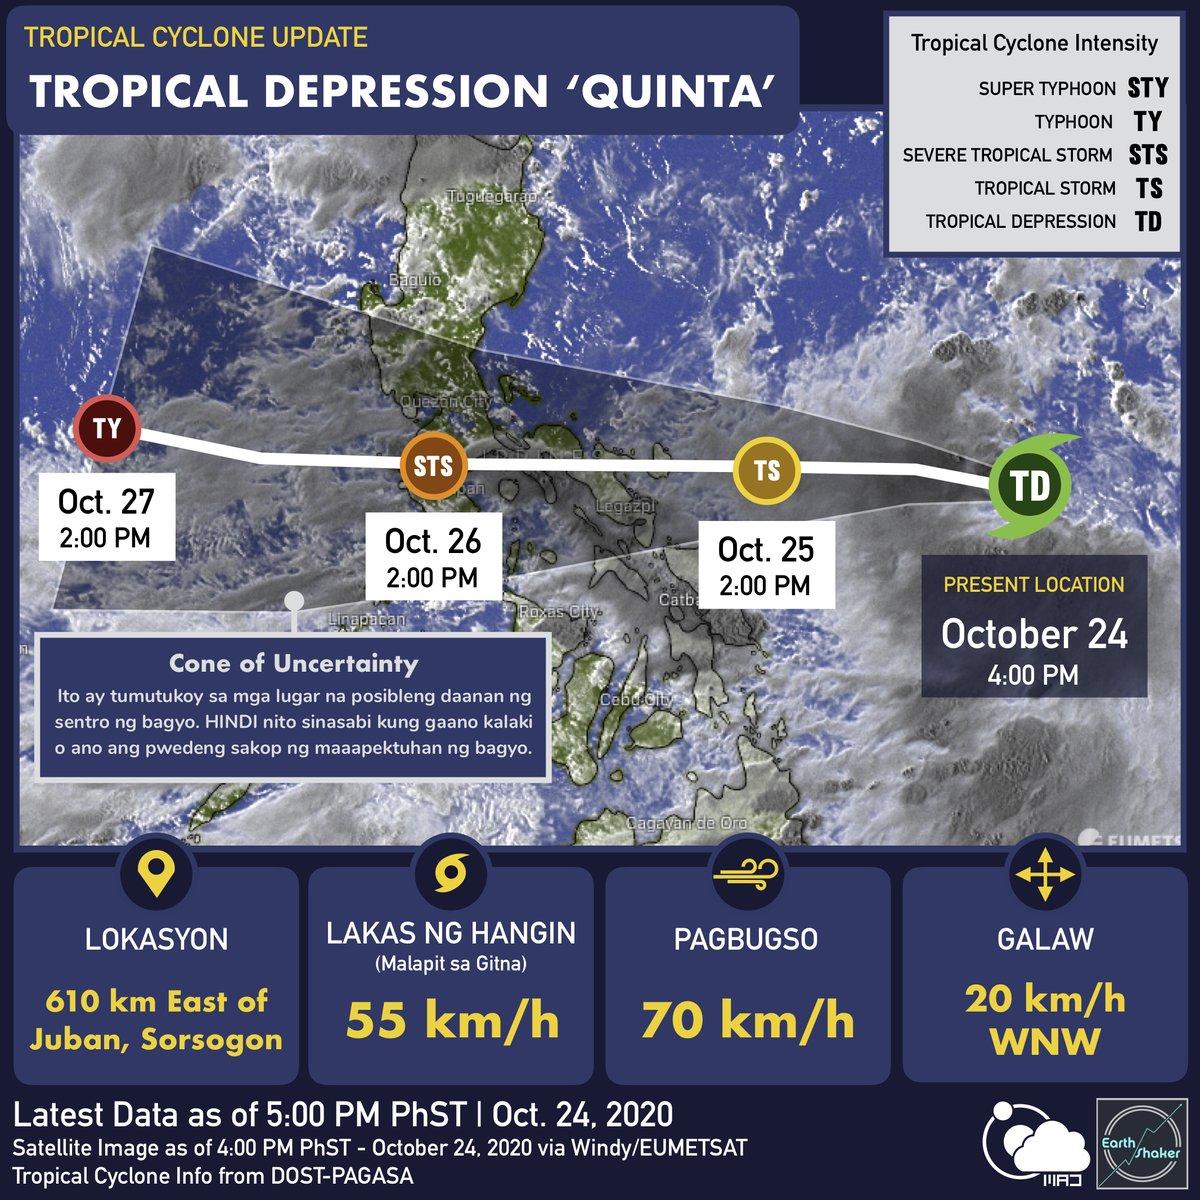 #CycloneUpdate TD 'QUINTA' inaasahang lalakas pa bago dumaan ng Southern Luzon sa Lunes  Bahagyang umangat ang forecast track para sa sa Tropical Depression #QuintaPH. Ito ay inaasahang mararamdaman sa Metro Manila habang dumadaan ito sa Batangas sa LUNES (Oct. 26). [THREAD] https://t.co/wSpQzEl1ic